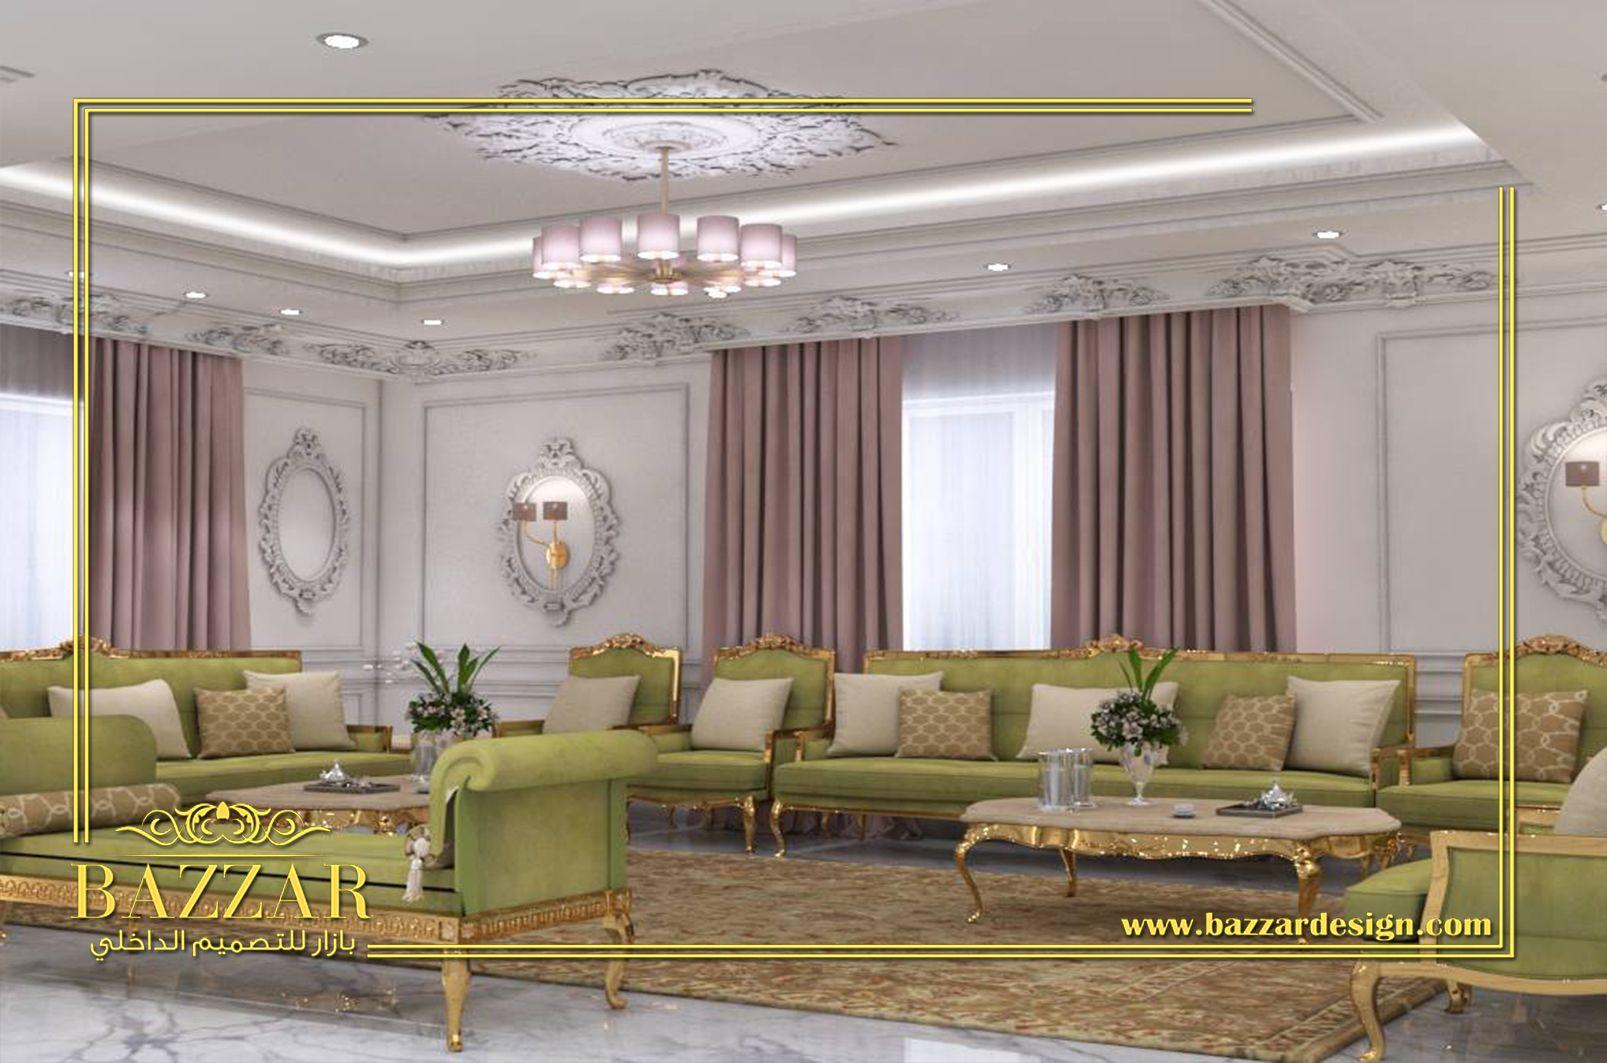 تصميم مجلس رجال كلاسيك يظهر ذلك فى الكرانيش المزخرفة والبانوهات كما تم اختيار قطع الاثاث الكلاسيكية الجميلة ذات الايمات الذهبيةوالطاولات Home Decor Home Decor